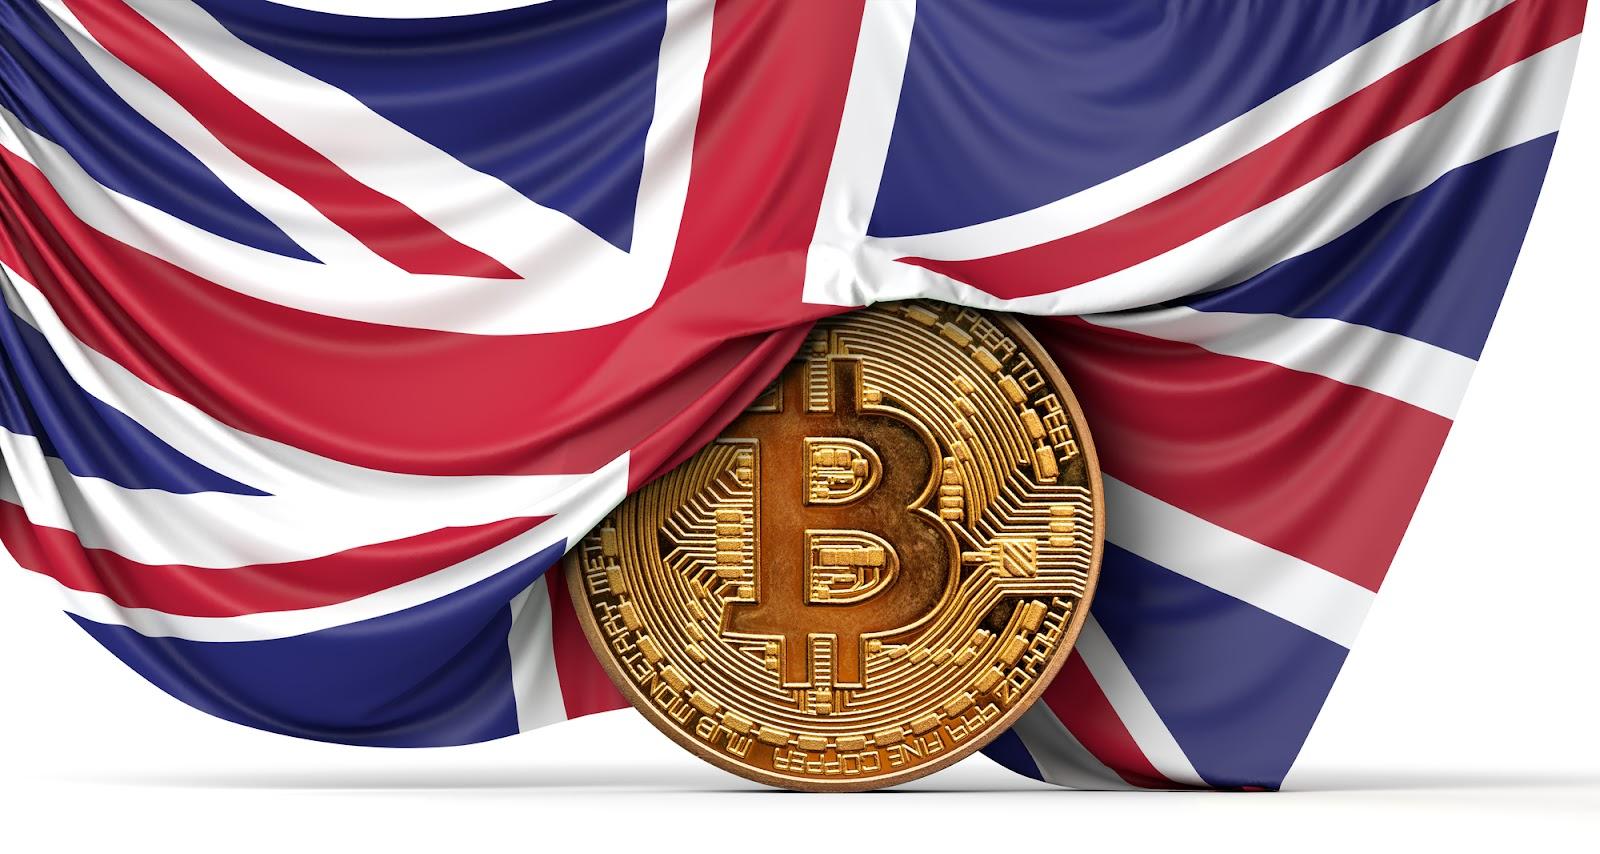 Currency.com входит в исполнительный комитет CryptoUK, чтобы помочь в регулировании цифровых активов